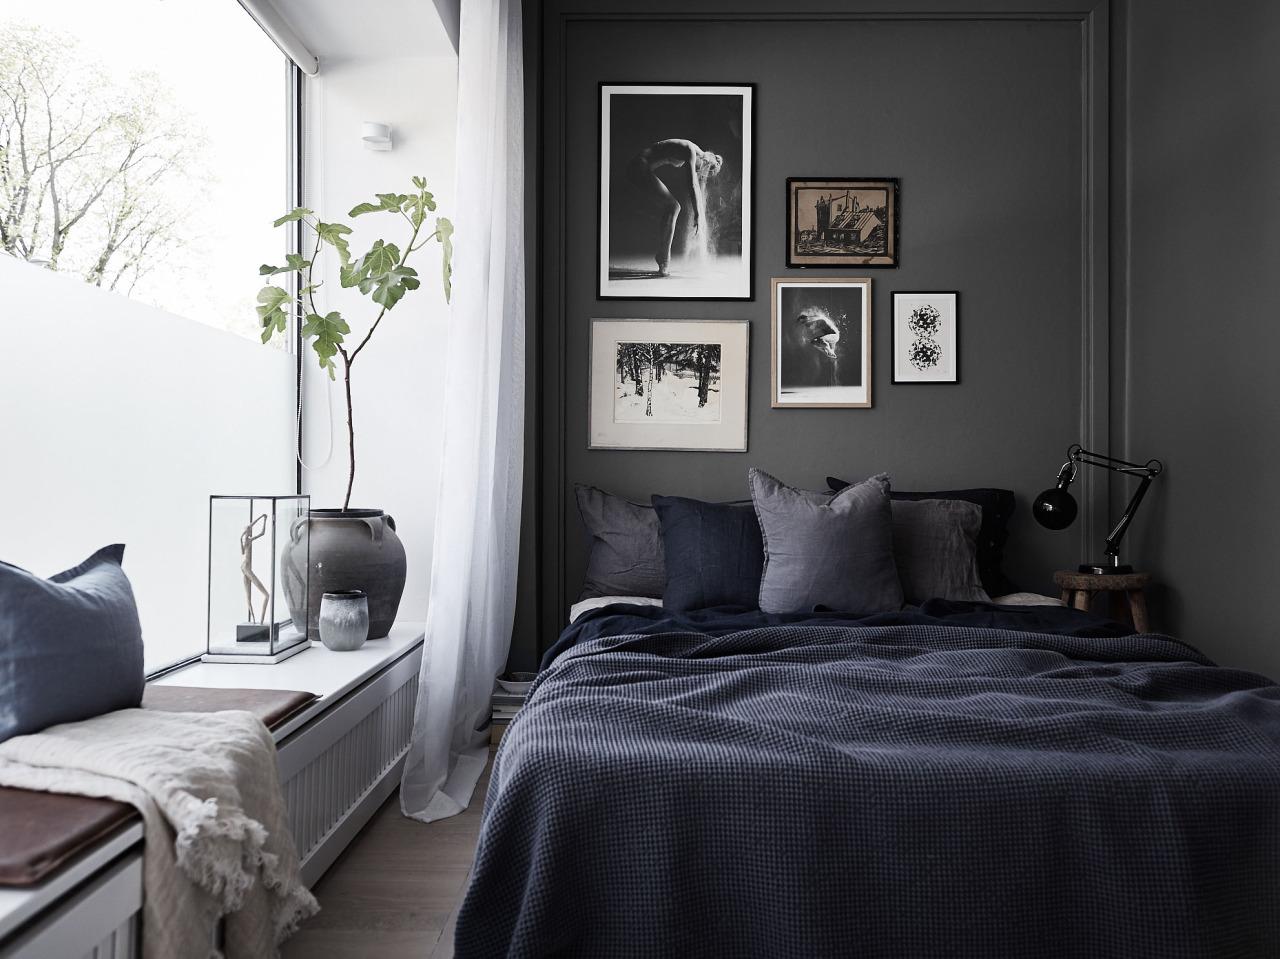 Decoração de quarto preto e branco.